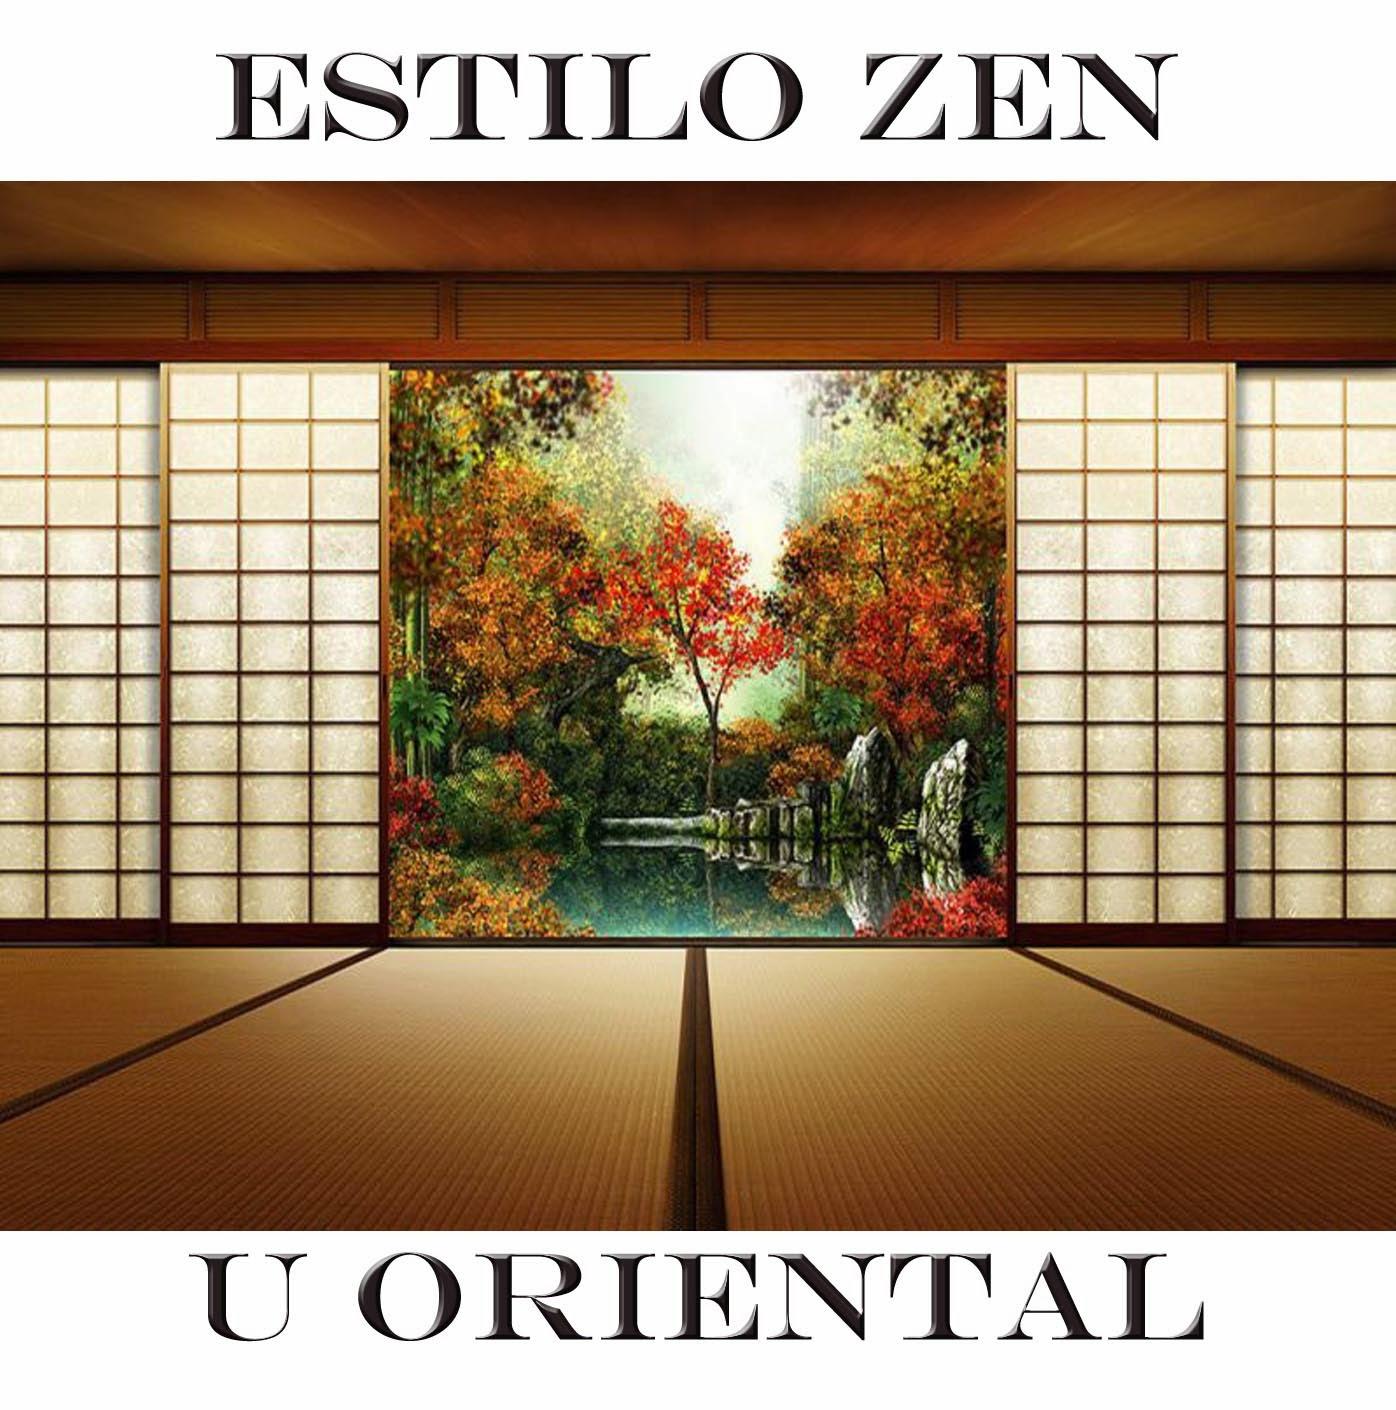 Estilo zen u oriental